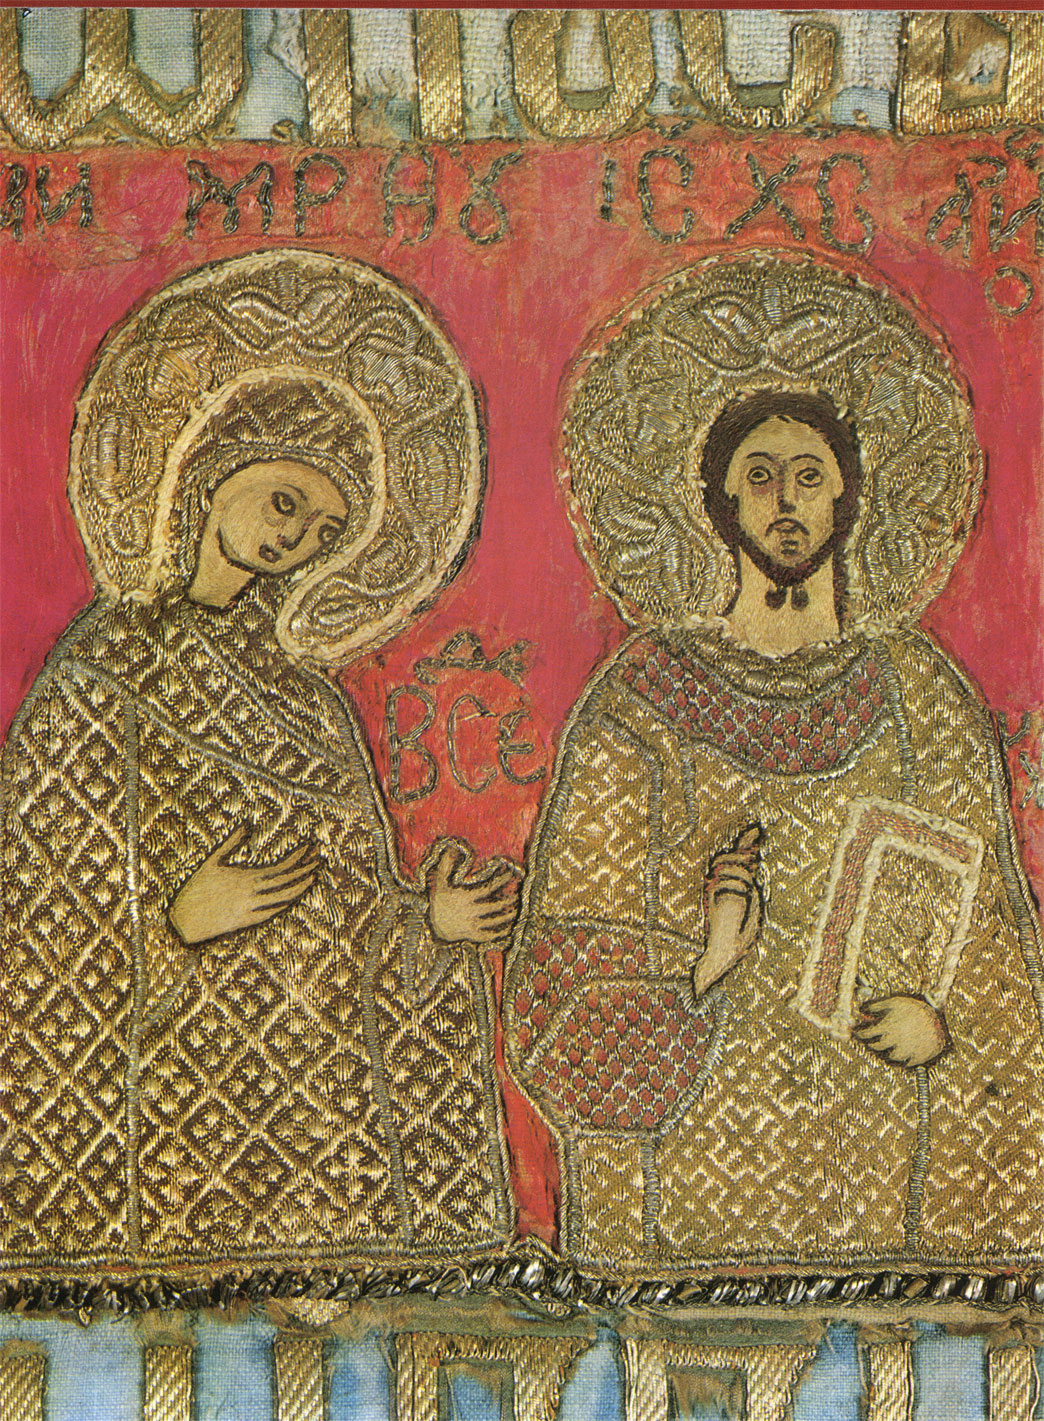 Какой Российский город с 13 века славится Золотой вышивкой по материи? 17